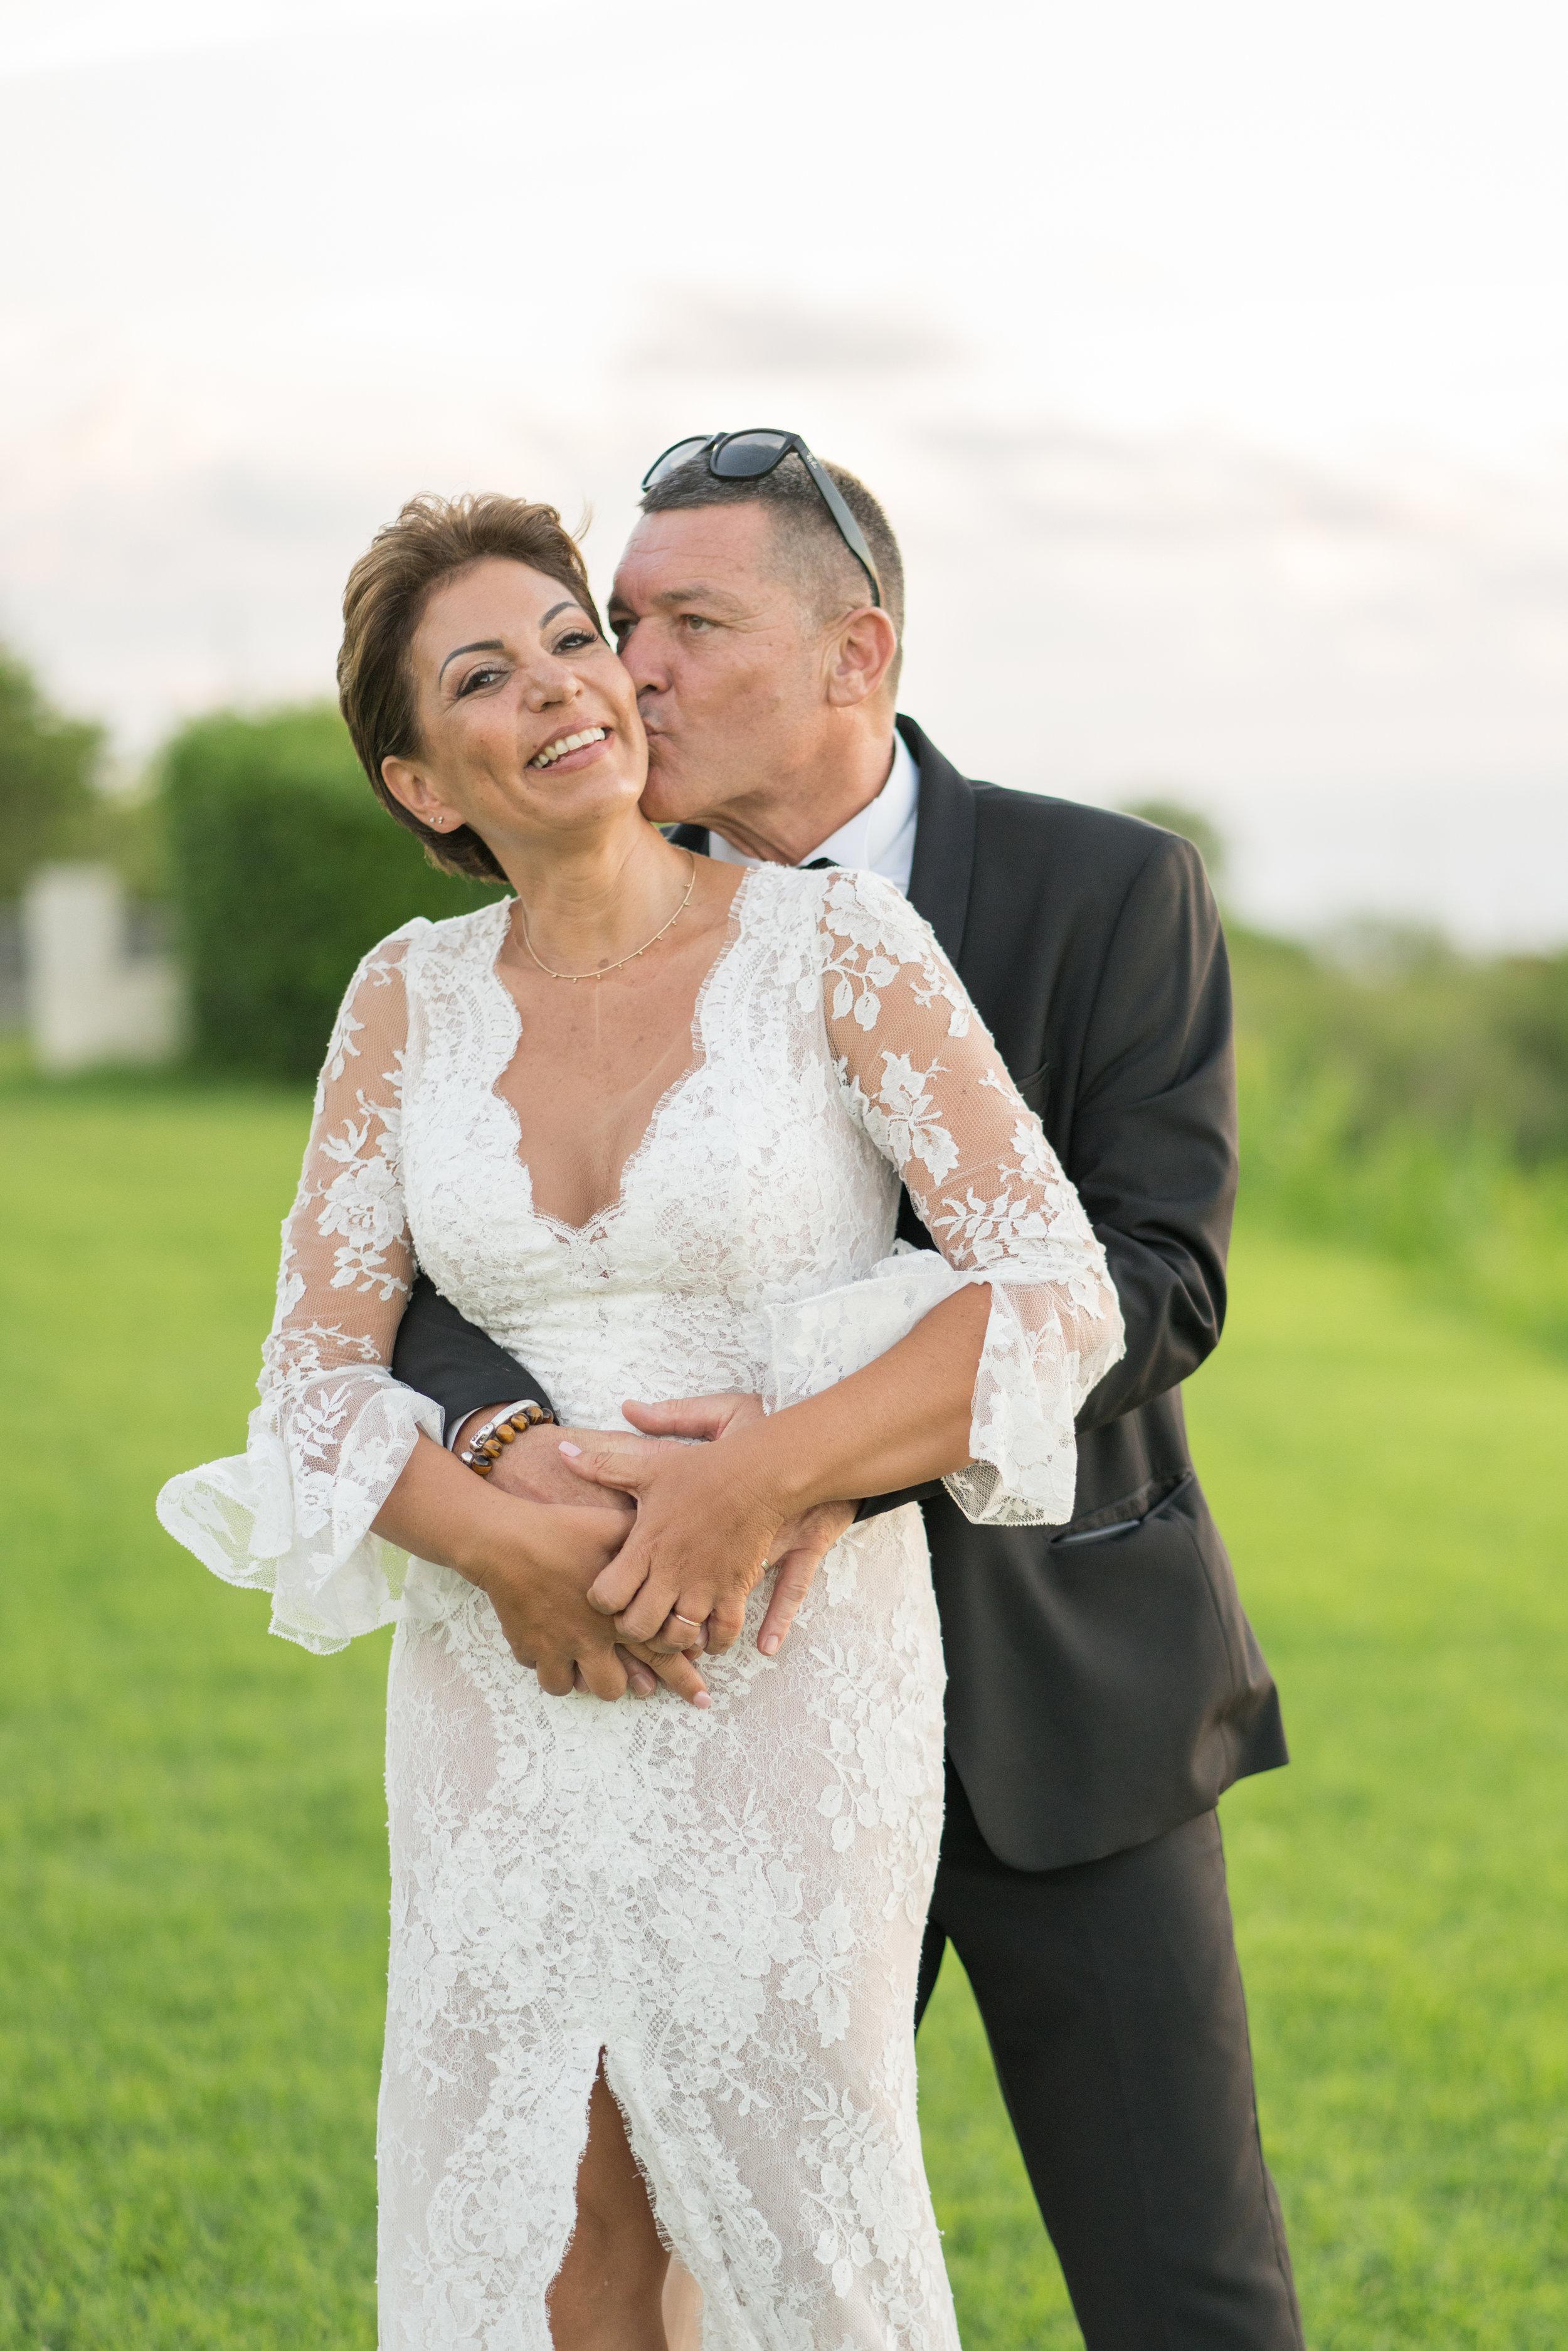 """""""Love is in the air"""" - B & JC ont optés pour une cérémonie laïque créée sur mesure par MRevenement. Ils se sont dit « oui » au golf du Bassin bleu, un lieu d'exception avec une vue imprenable sur la côte ouest de l'île de la Réunion. Une cérémonie fort en émotion, un brin décalé à l'image de nos mariés."""